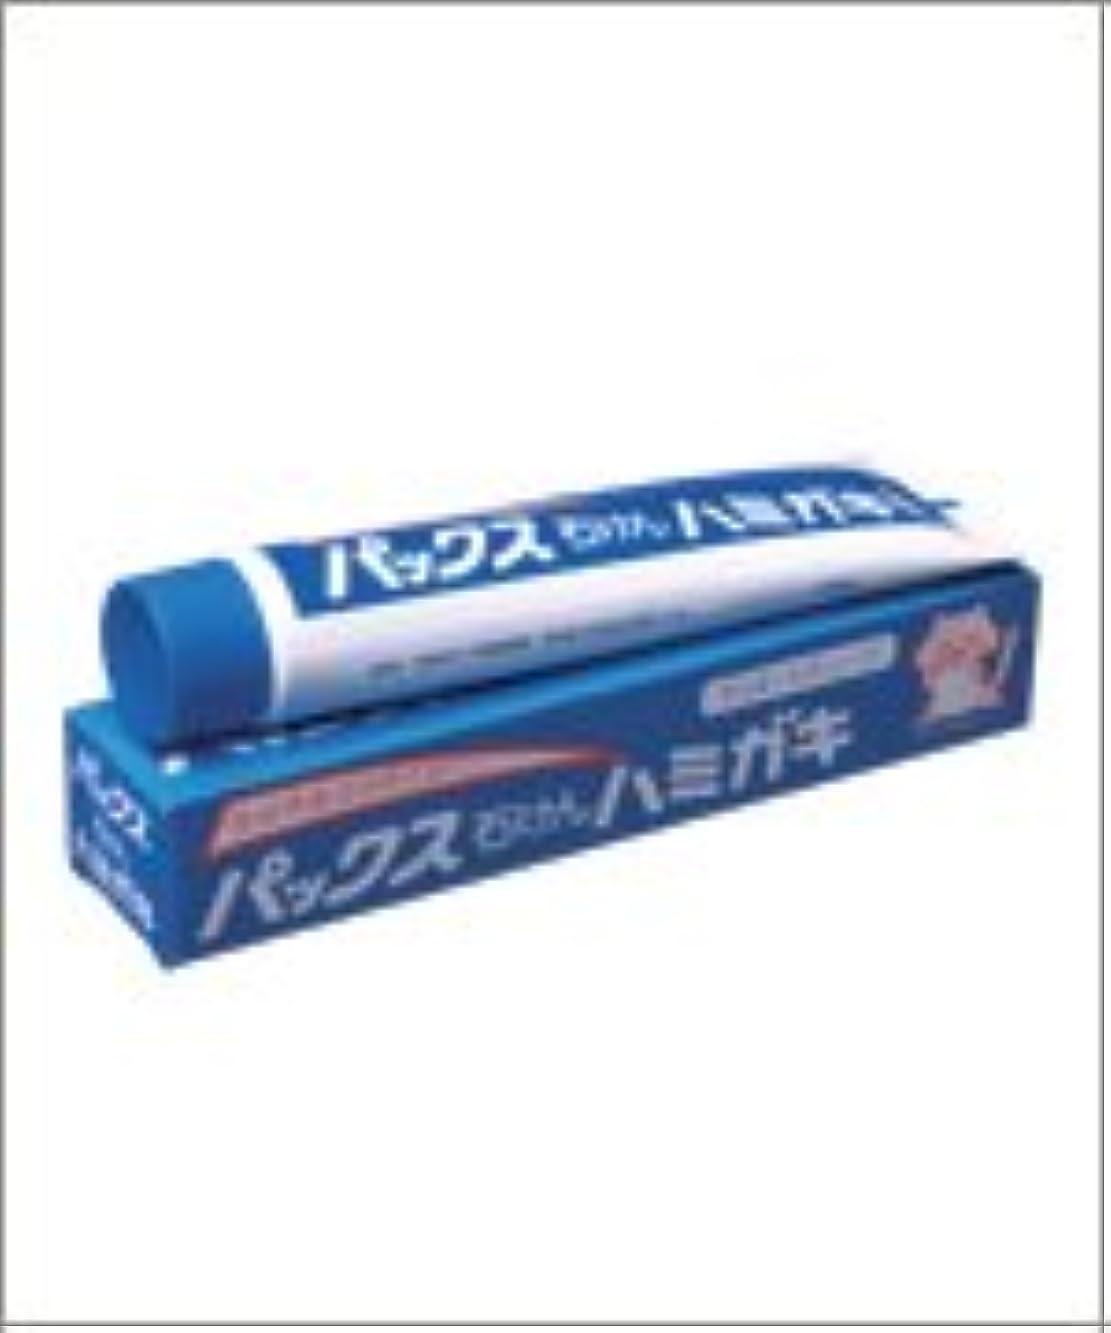 重要活発適度な太陽油脂 パックス石けんハミガキ(無添加石けん歯磨き)140g  4ケース(40本入り)